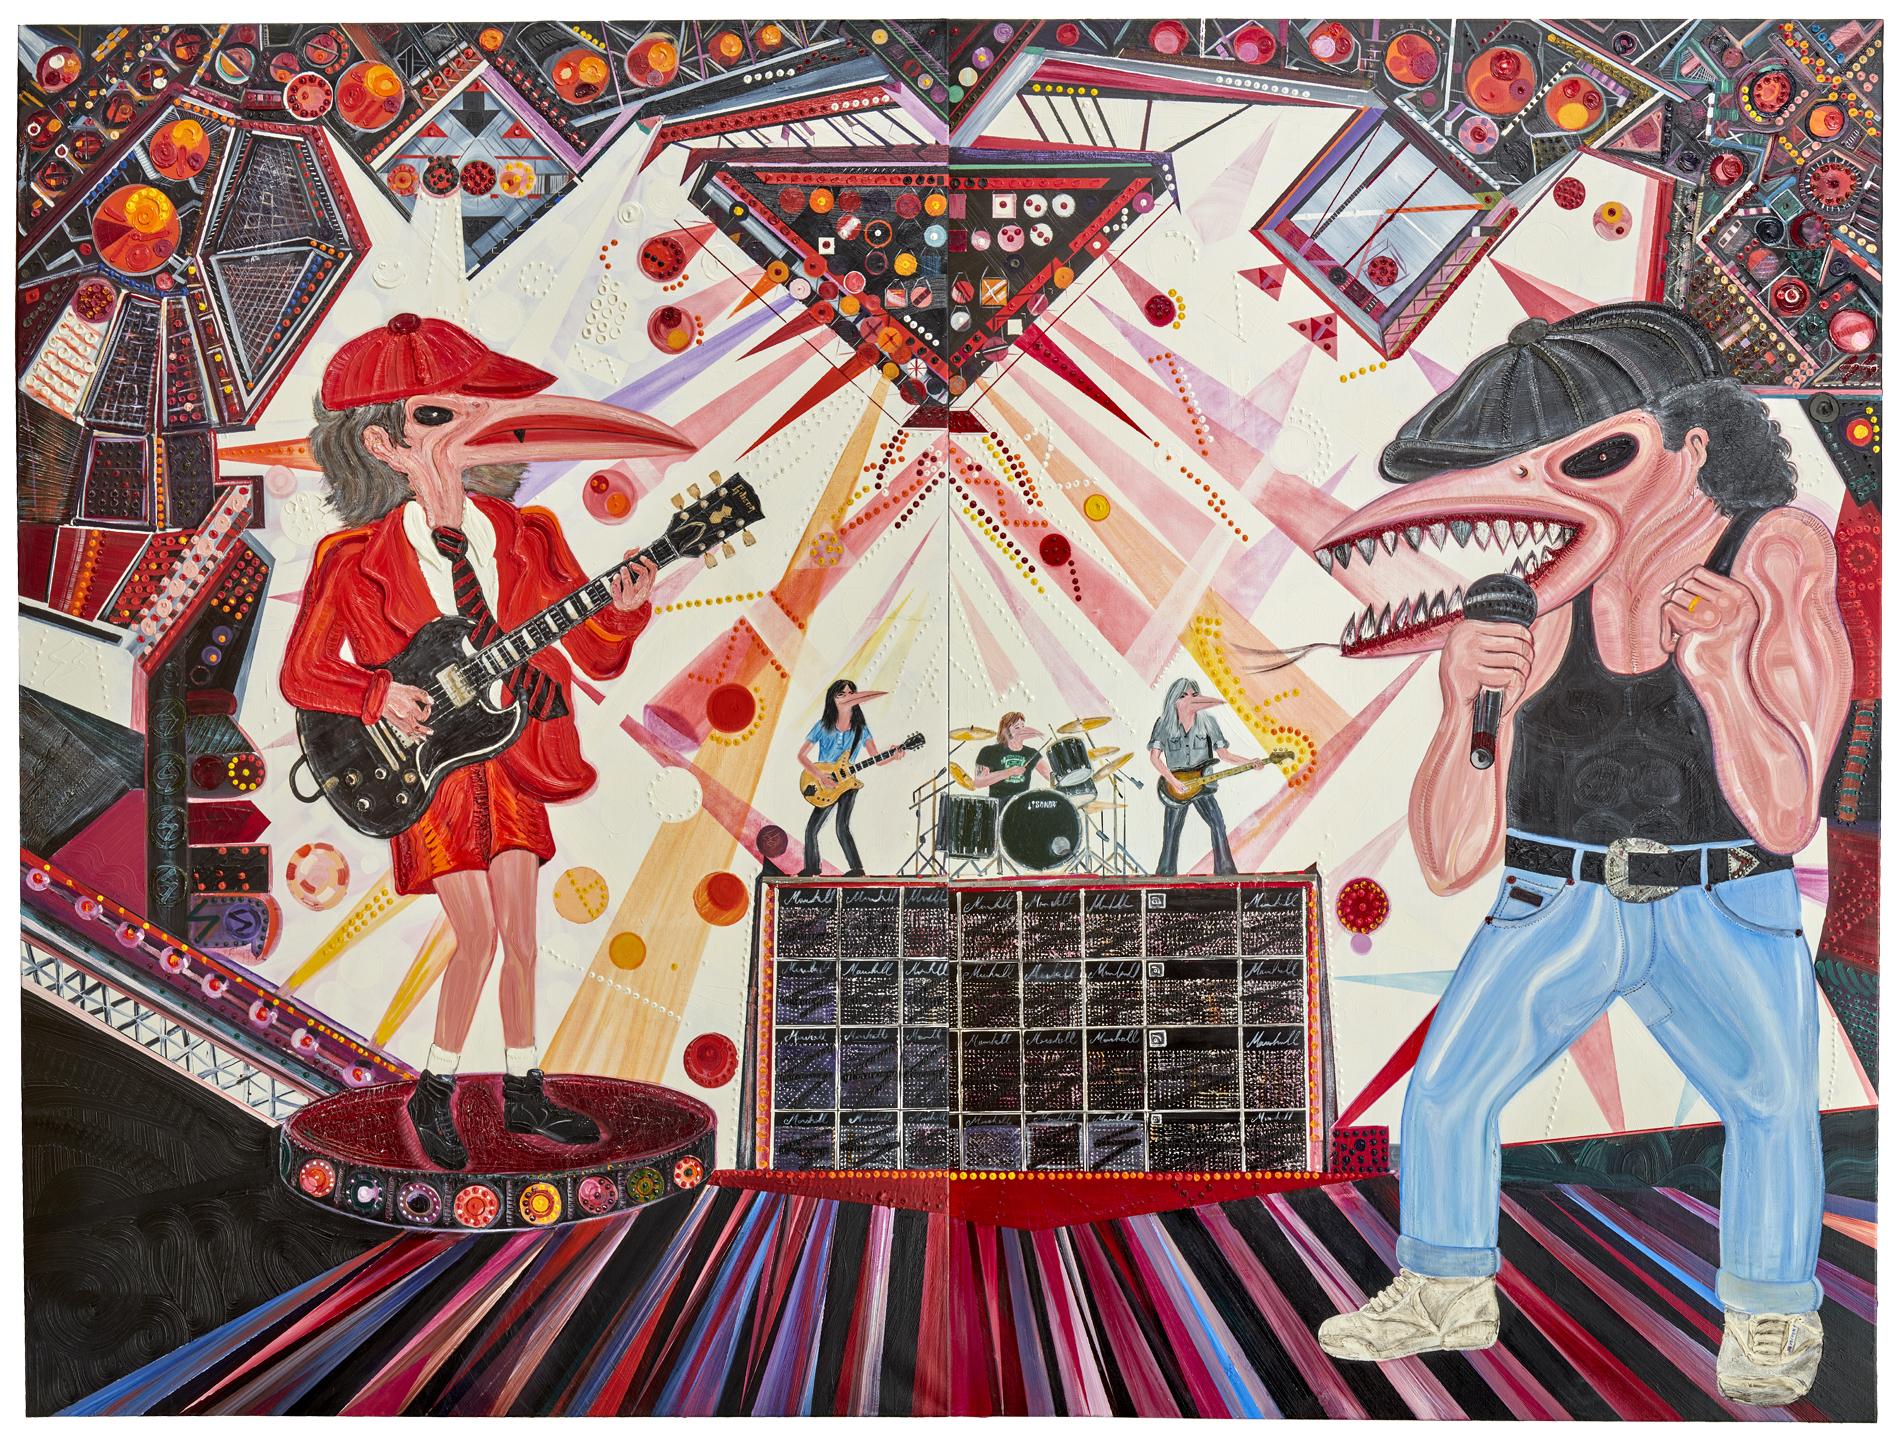 Abdul Vas. AC/DC. AC/DC, 2007